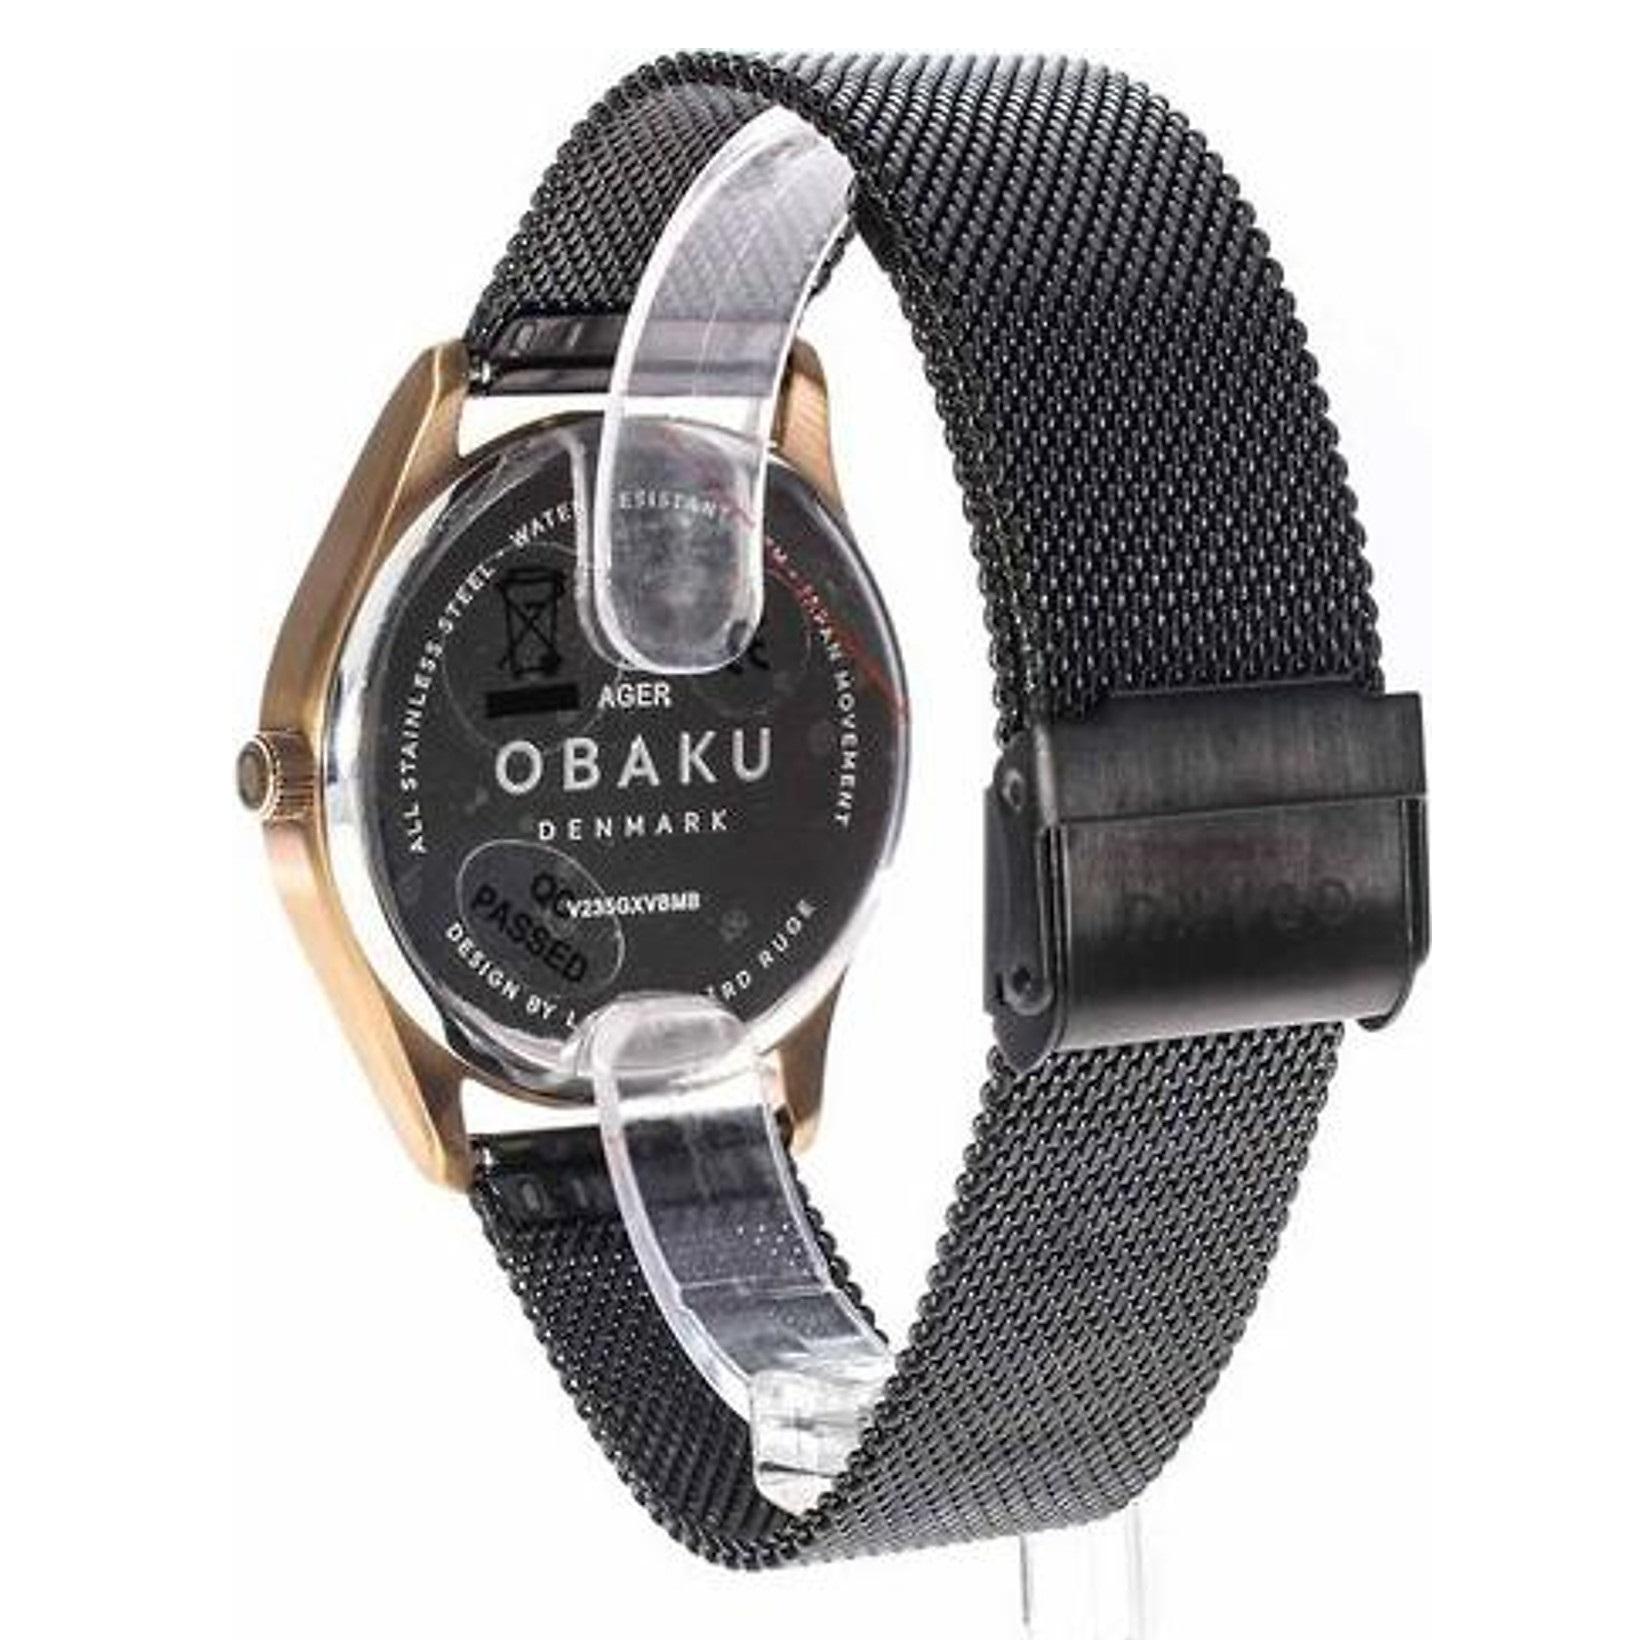 ساعت مچی عقربهای مردانه اباکو مدل V235GXVBMB